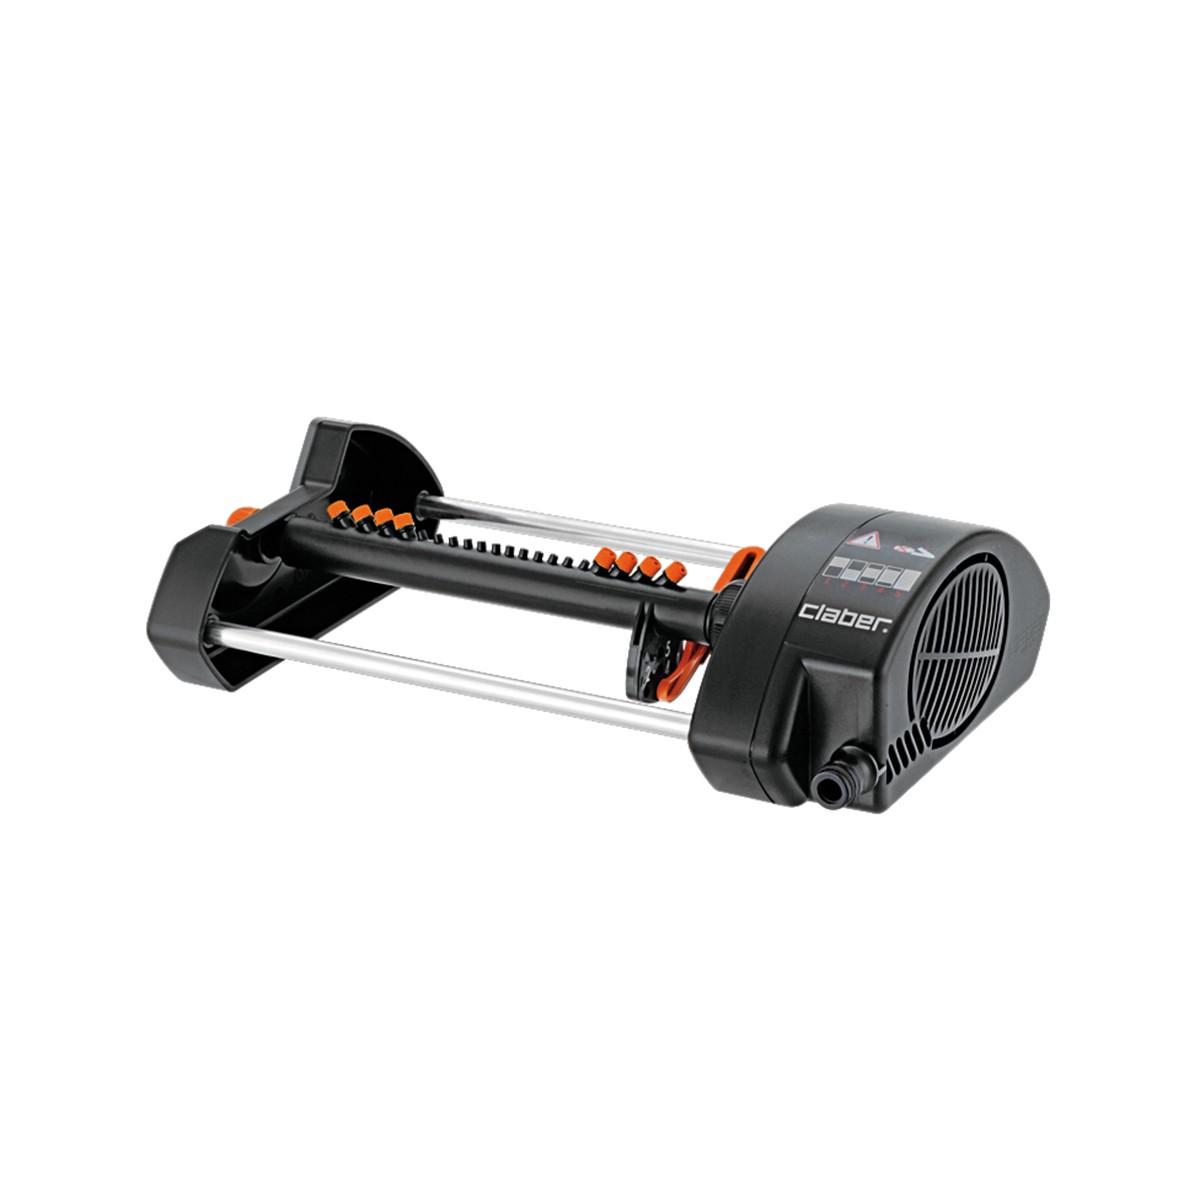 Irrigatore Compact-20 Aqua Control